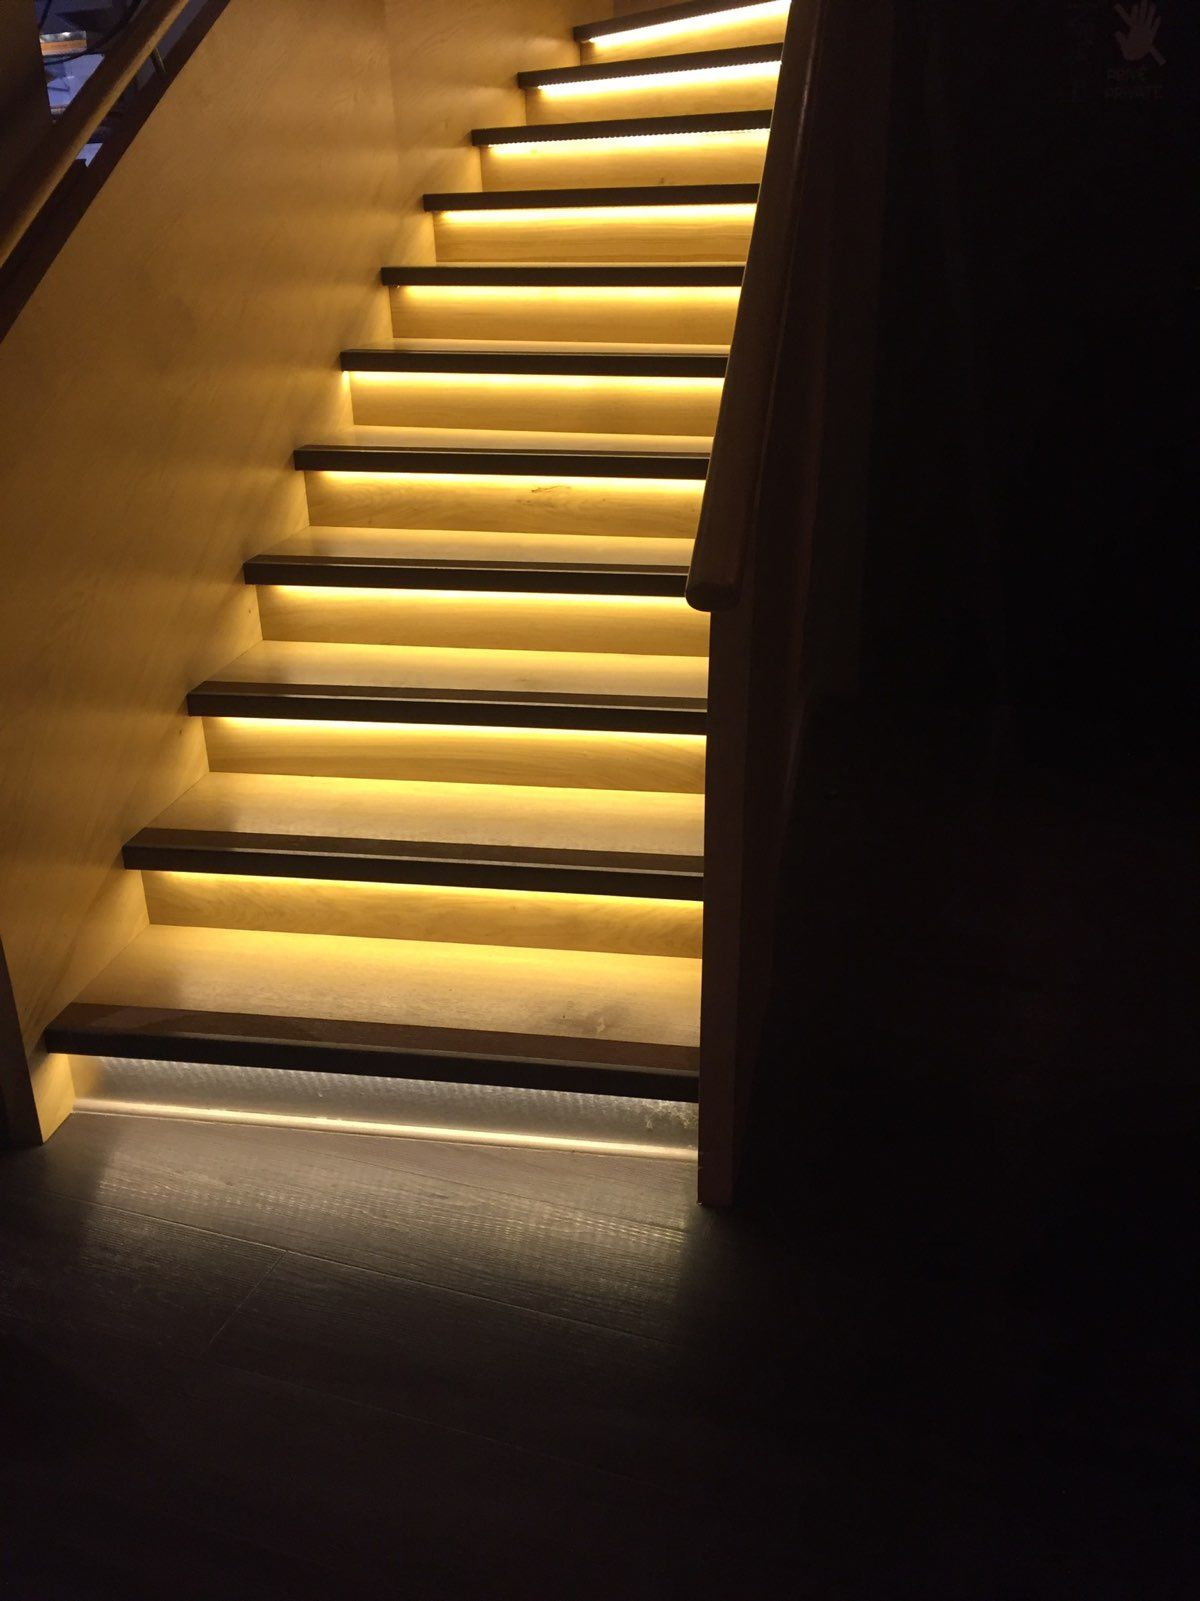 Ruban Led Pour Eclairage Principal quel éclairage d'escalier choisir | eclairage, eclairage led